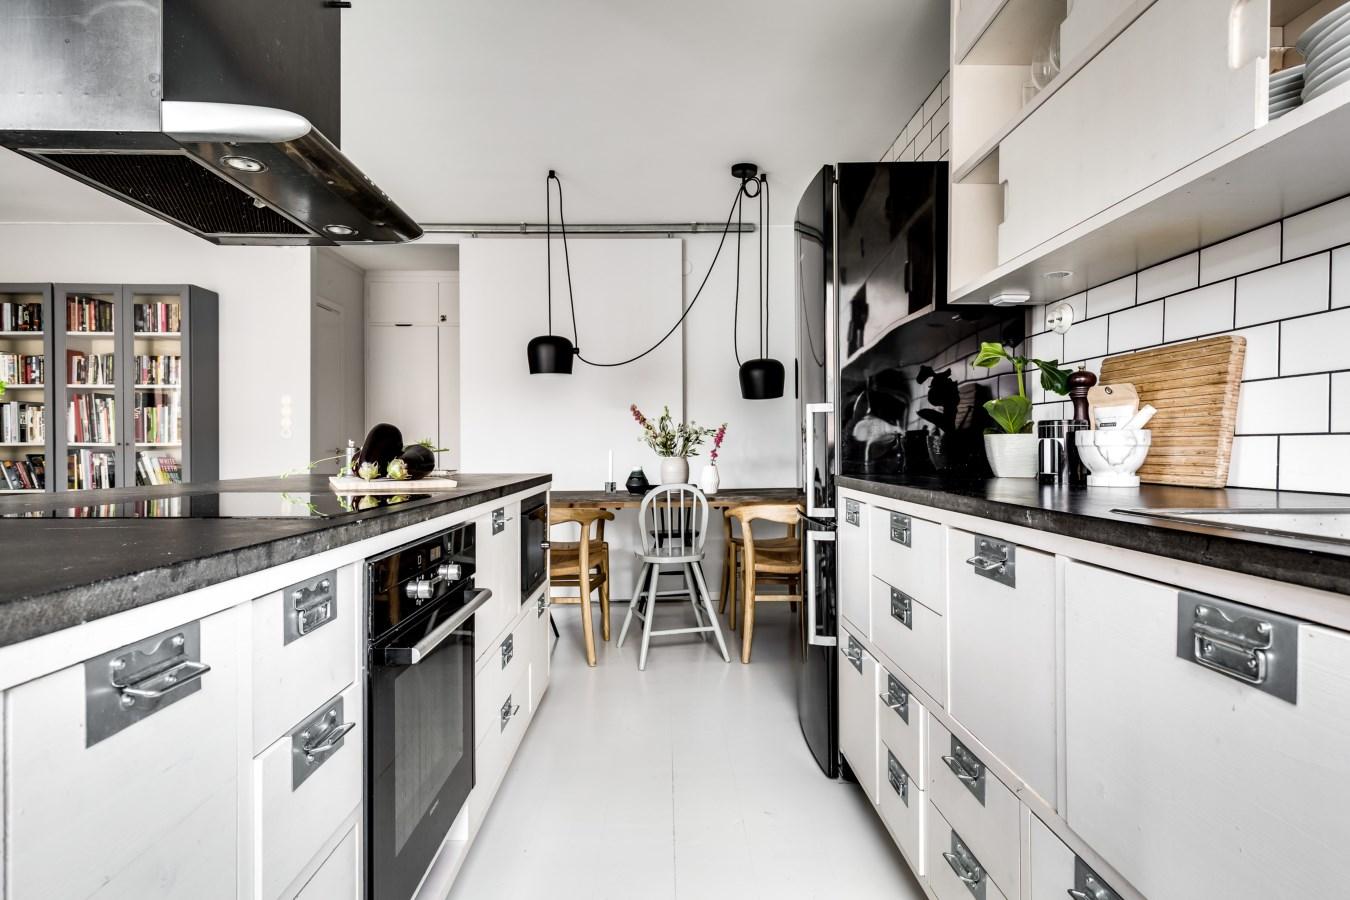 белая кухня кухонный остров плита вытяжка мойка холодильник стол стулья